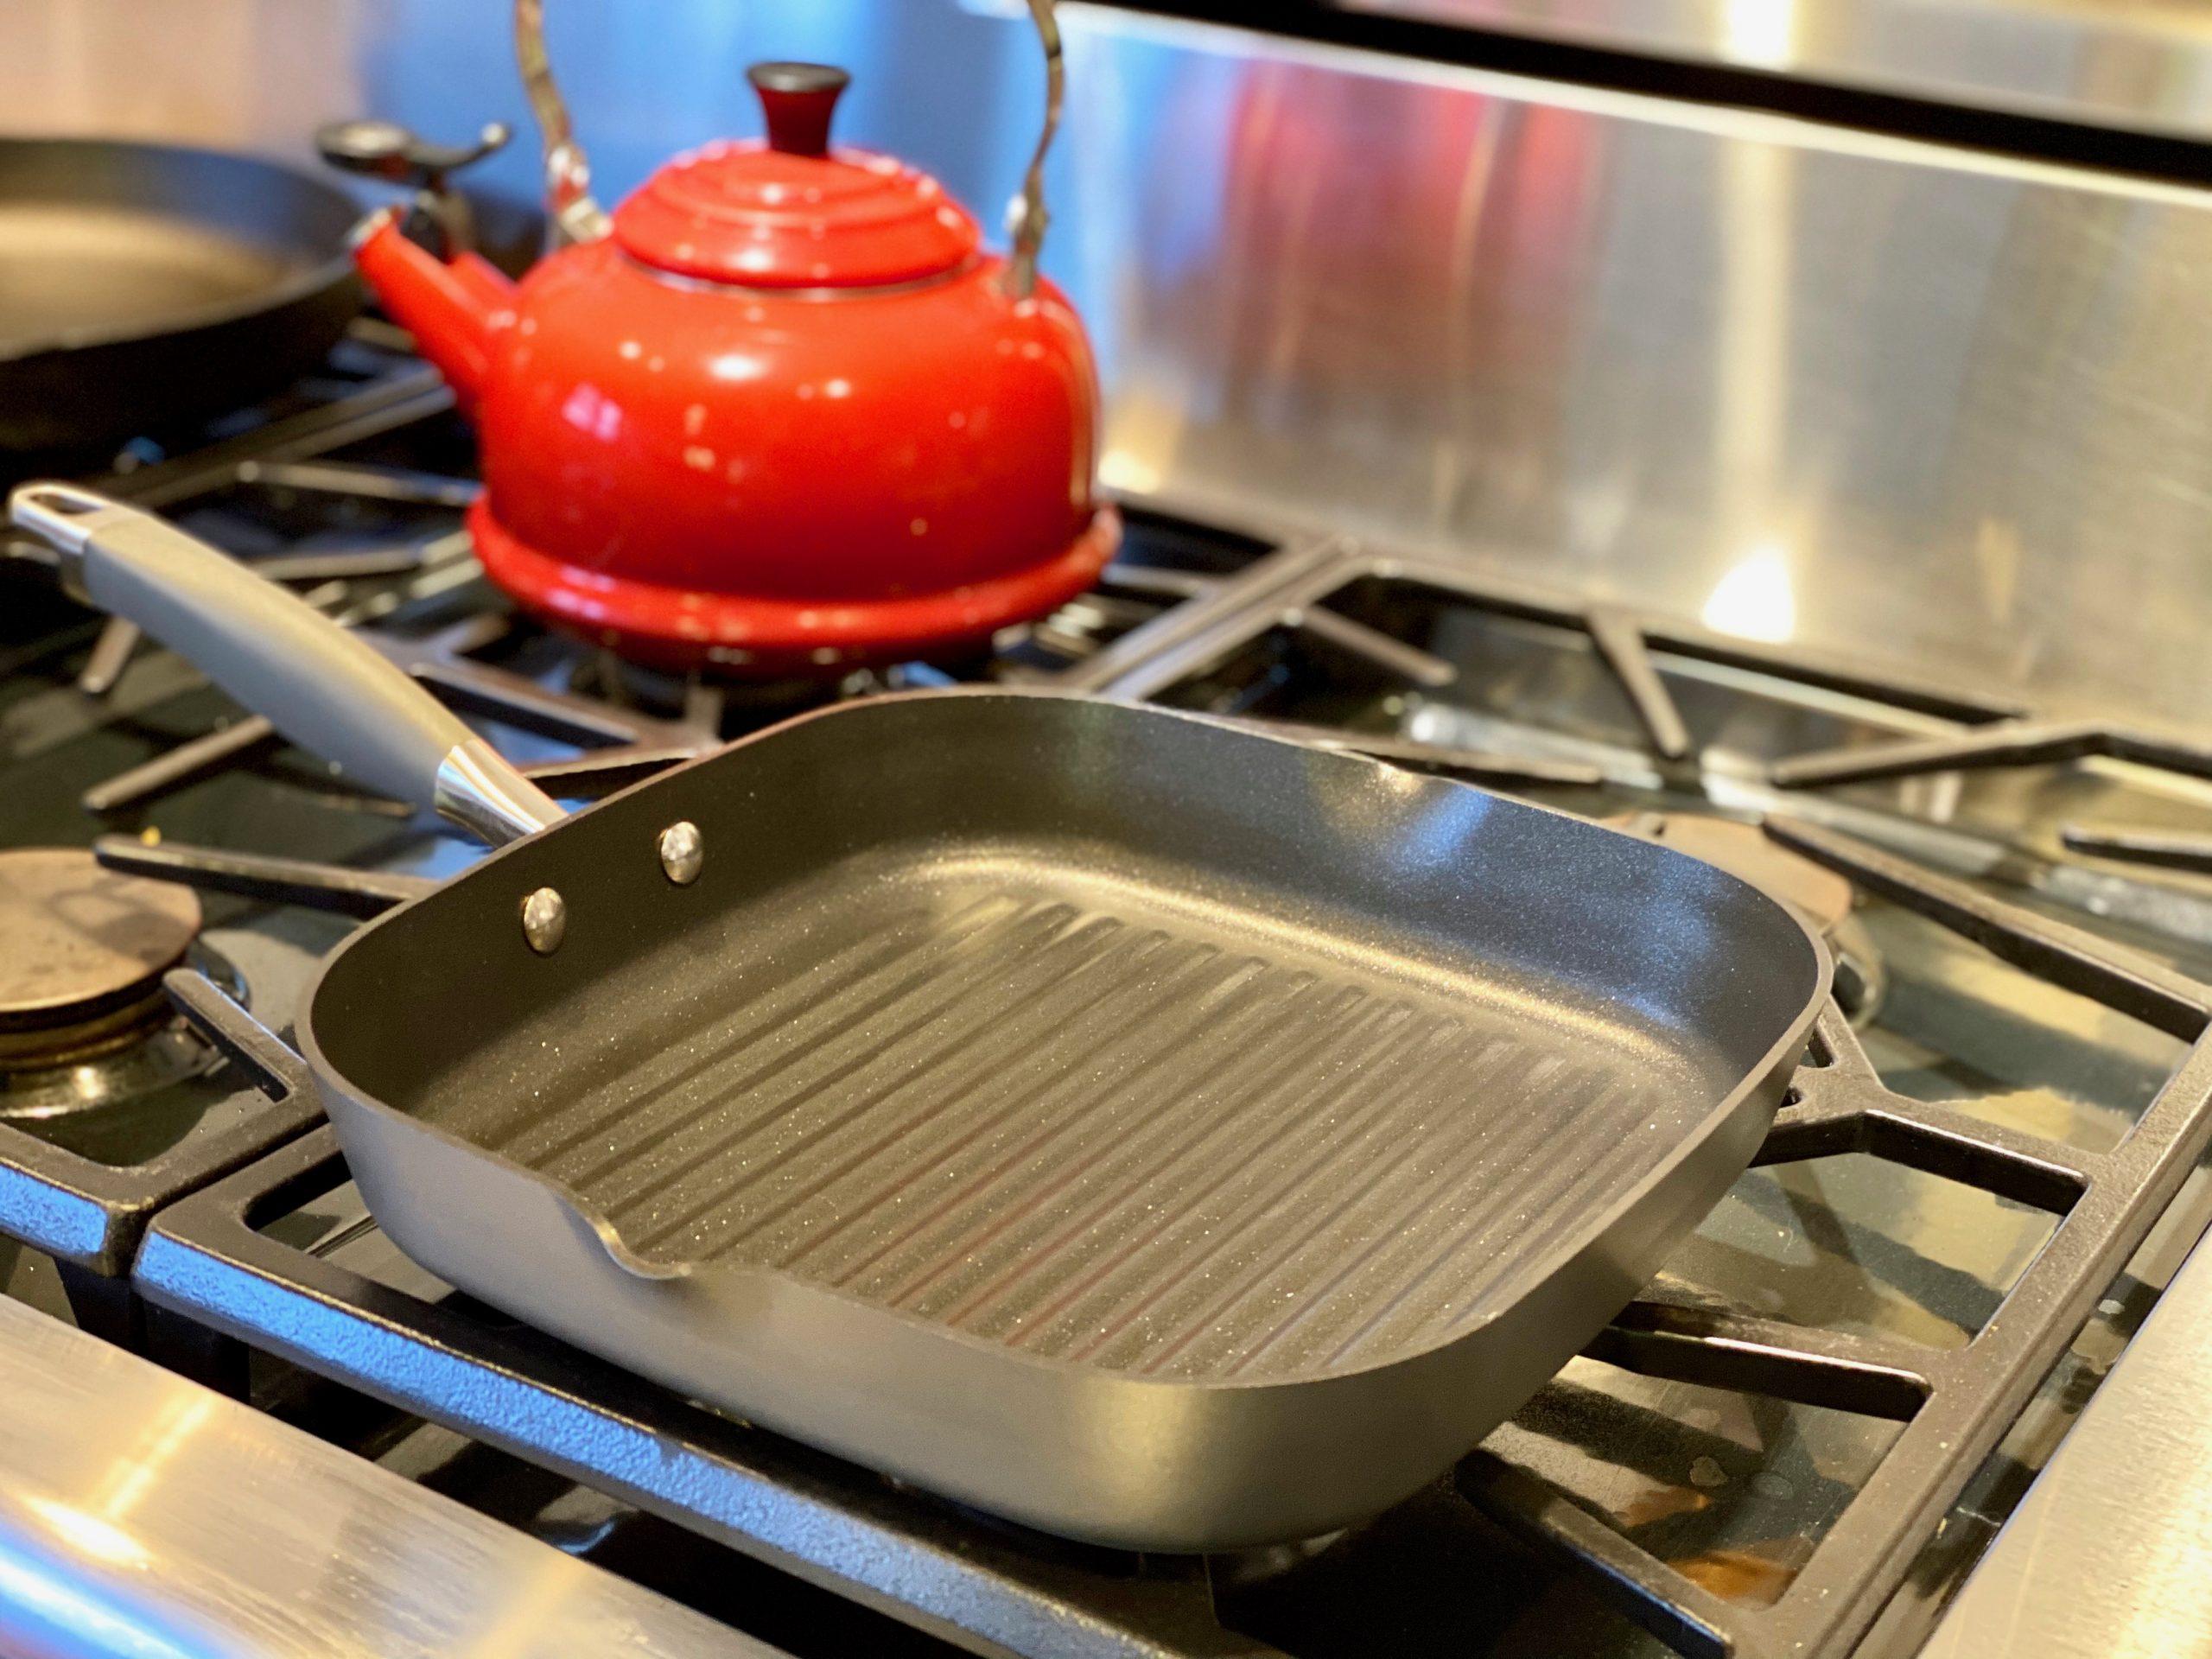 Anolon Non-Stick Square Grill Pan